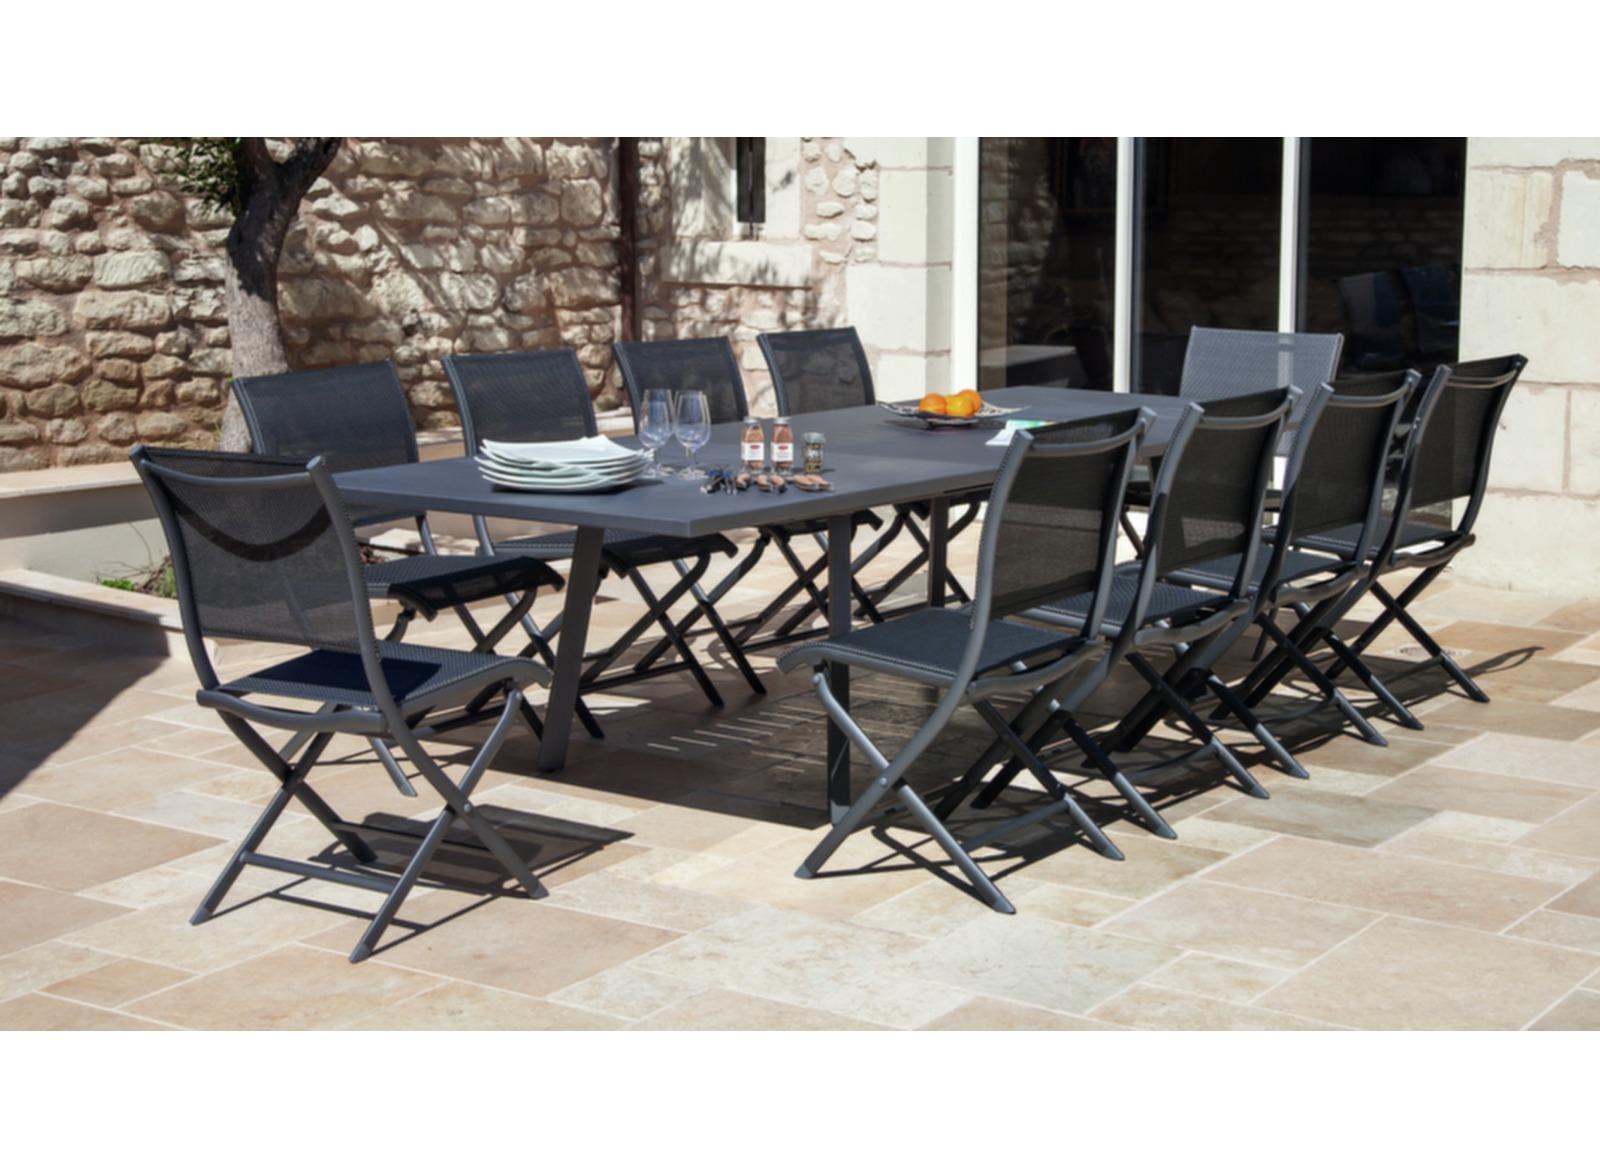 table extensible barcelona 220 300 cm mobilier de jardin pour le repas promotions bons. Black Bedroom Furniture Sets. Home Design Ideas